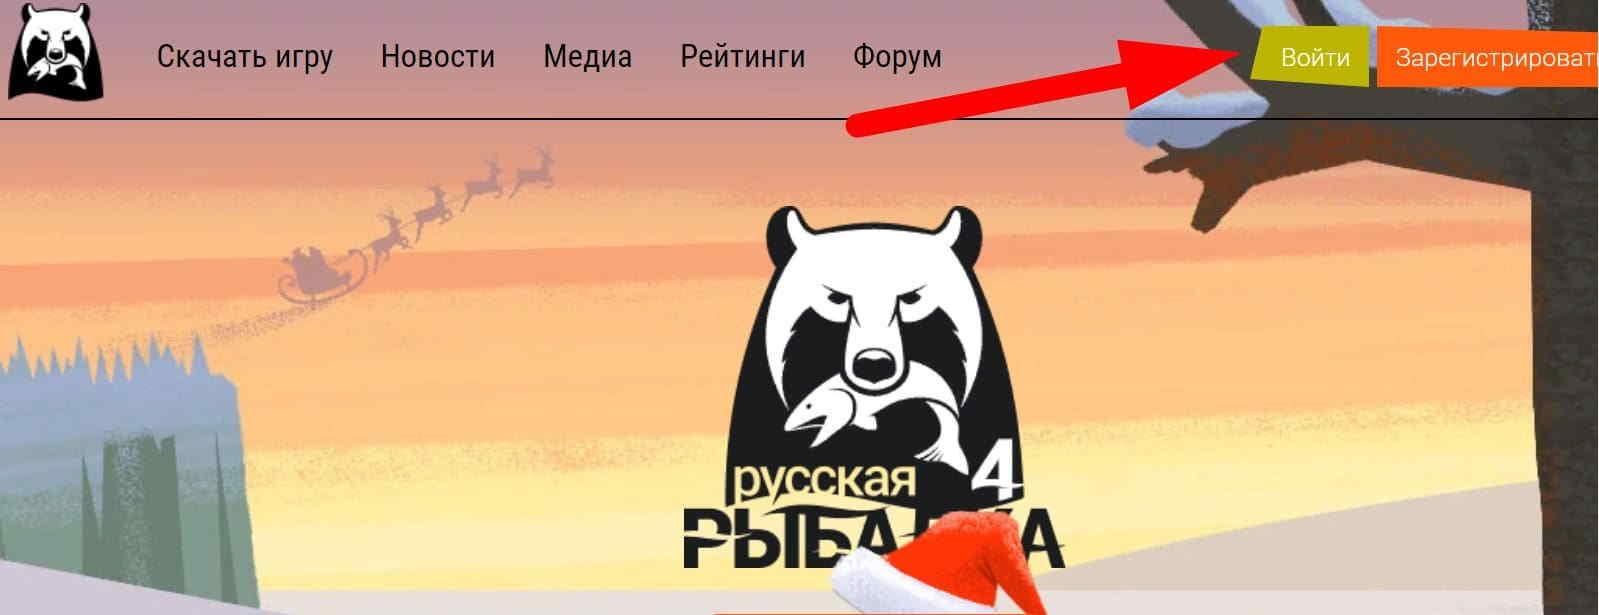 Русская рыбалка 4 сайт